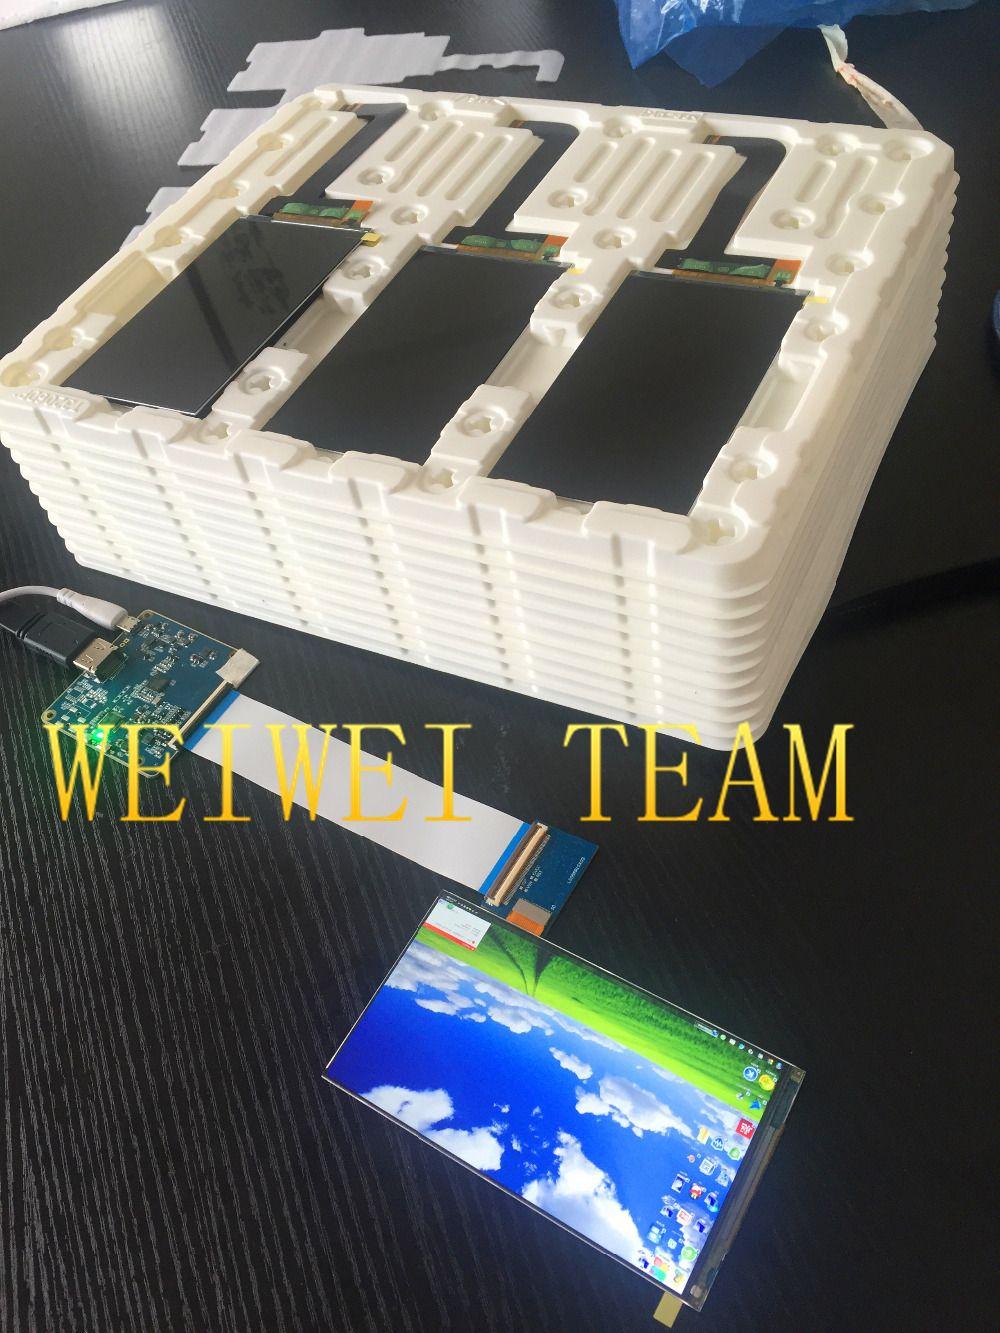 5.5 pouces 2 k 1440 P 1440*2560 résolution ips panneau mipi interface écran lcd avec hdmi à mipi pour imprimante 3D/projecteur vidéo